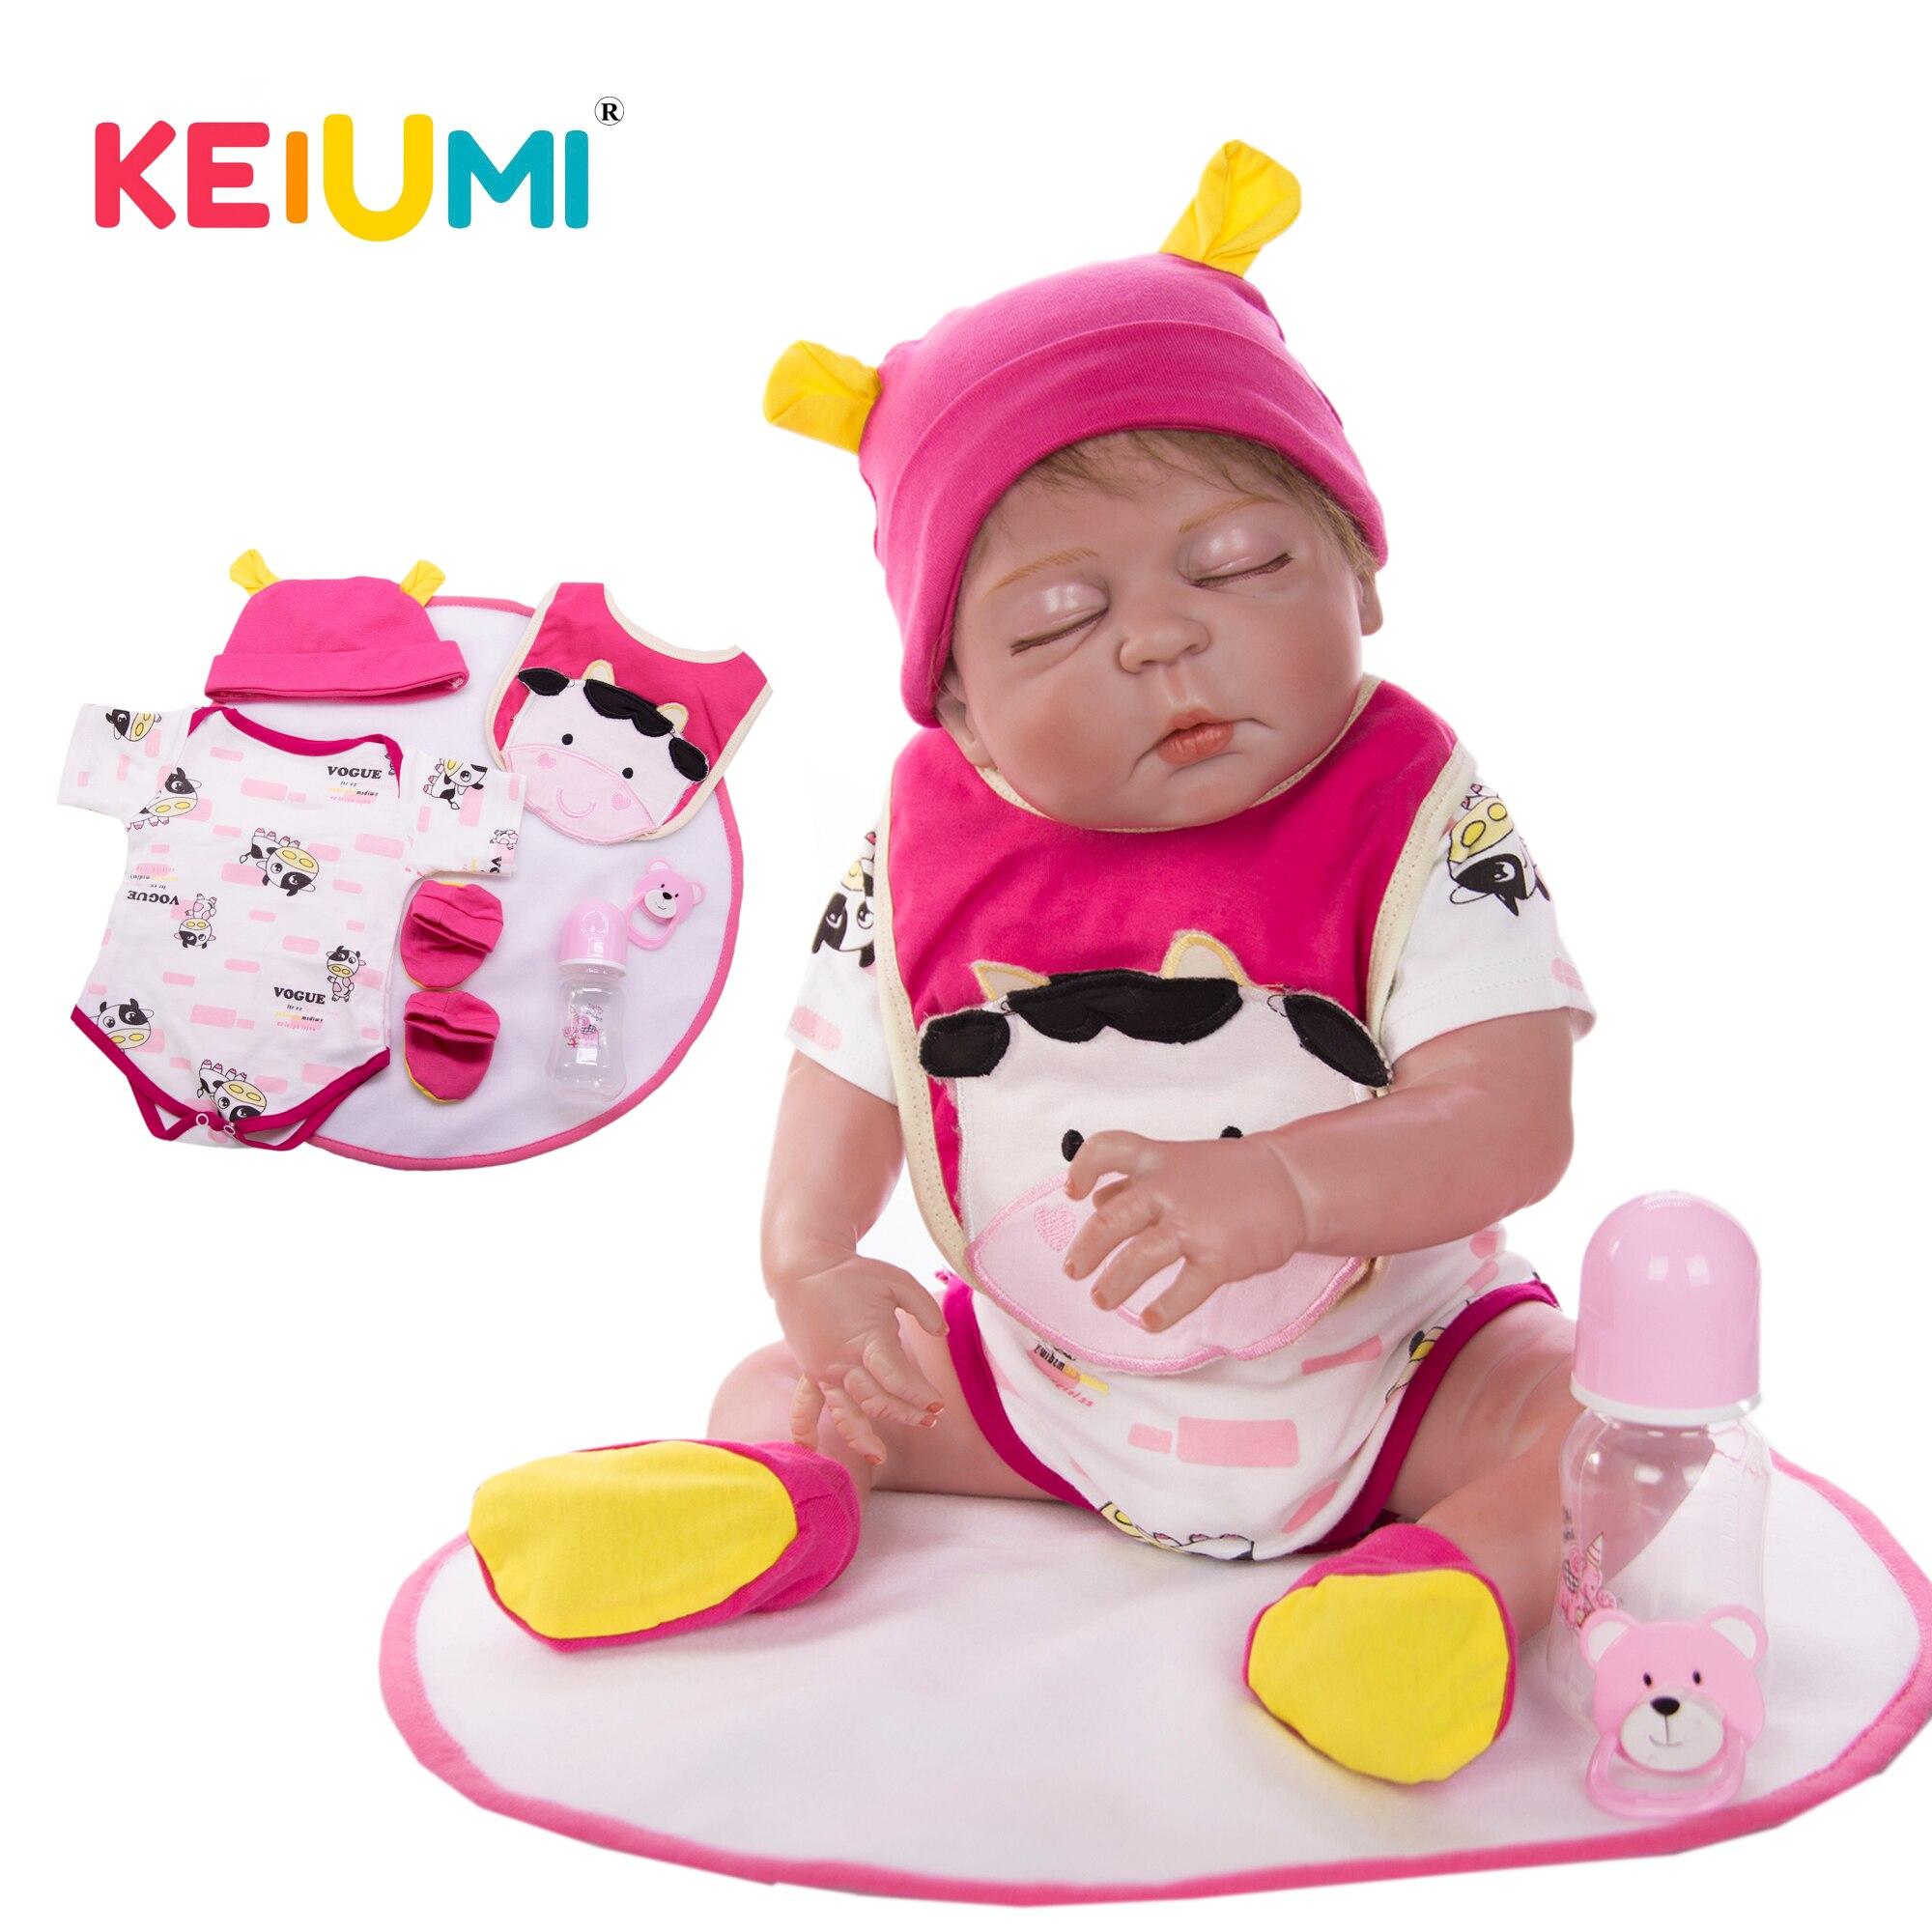 Oyuncaklar ve Hobi Ürünleri'ten Bebekler'de KEIUMI Gerçekçi 23 Boneca Reborn olabilir Uyku 58 cm Tam Silikon Yeniden Doğmuş Bebek Bebek Kız Moda Çocuk Doğum Günü Hediyeleri DIY oyuncak'da  Grup 1